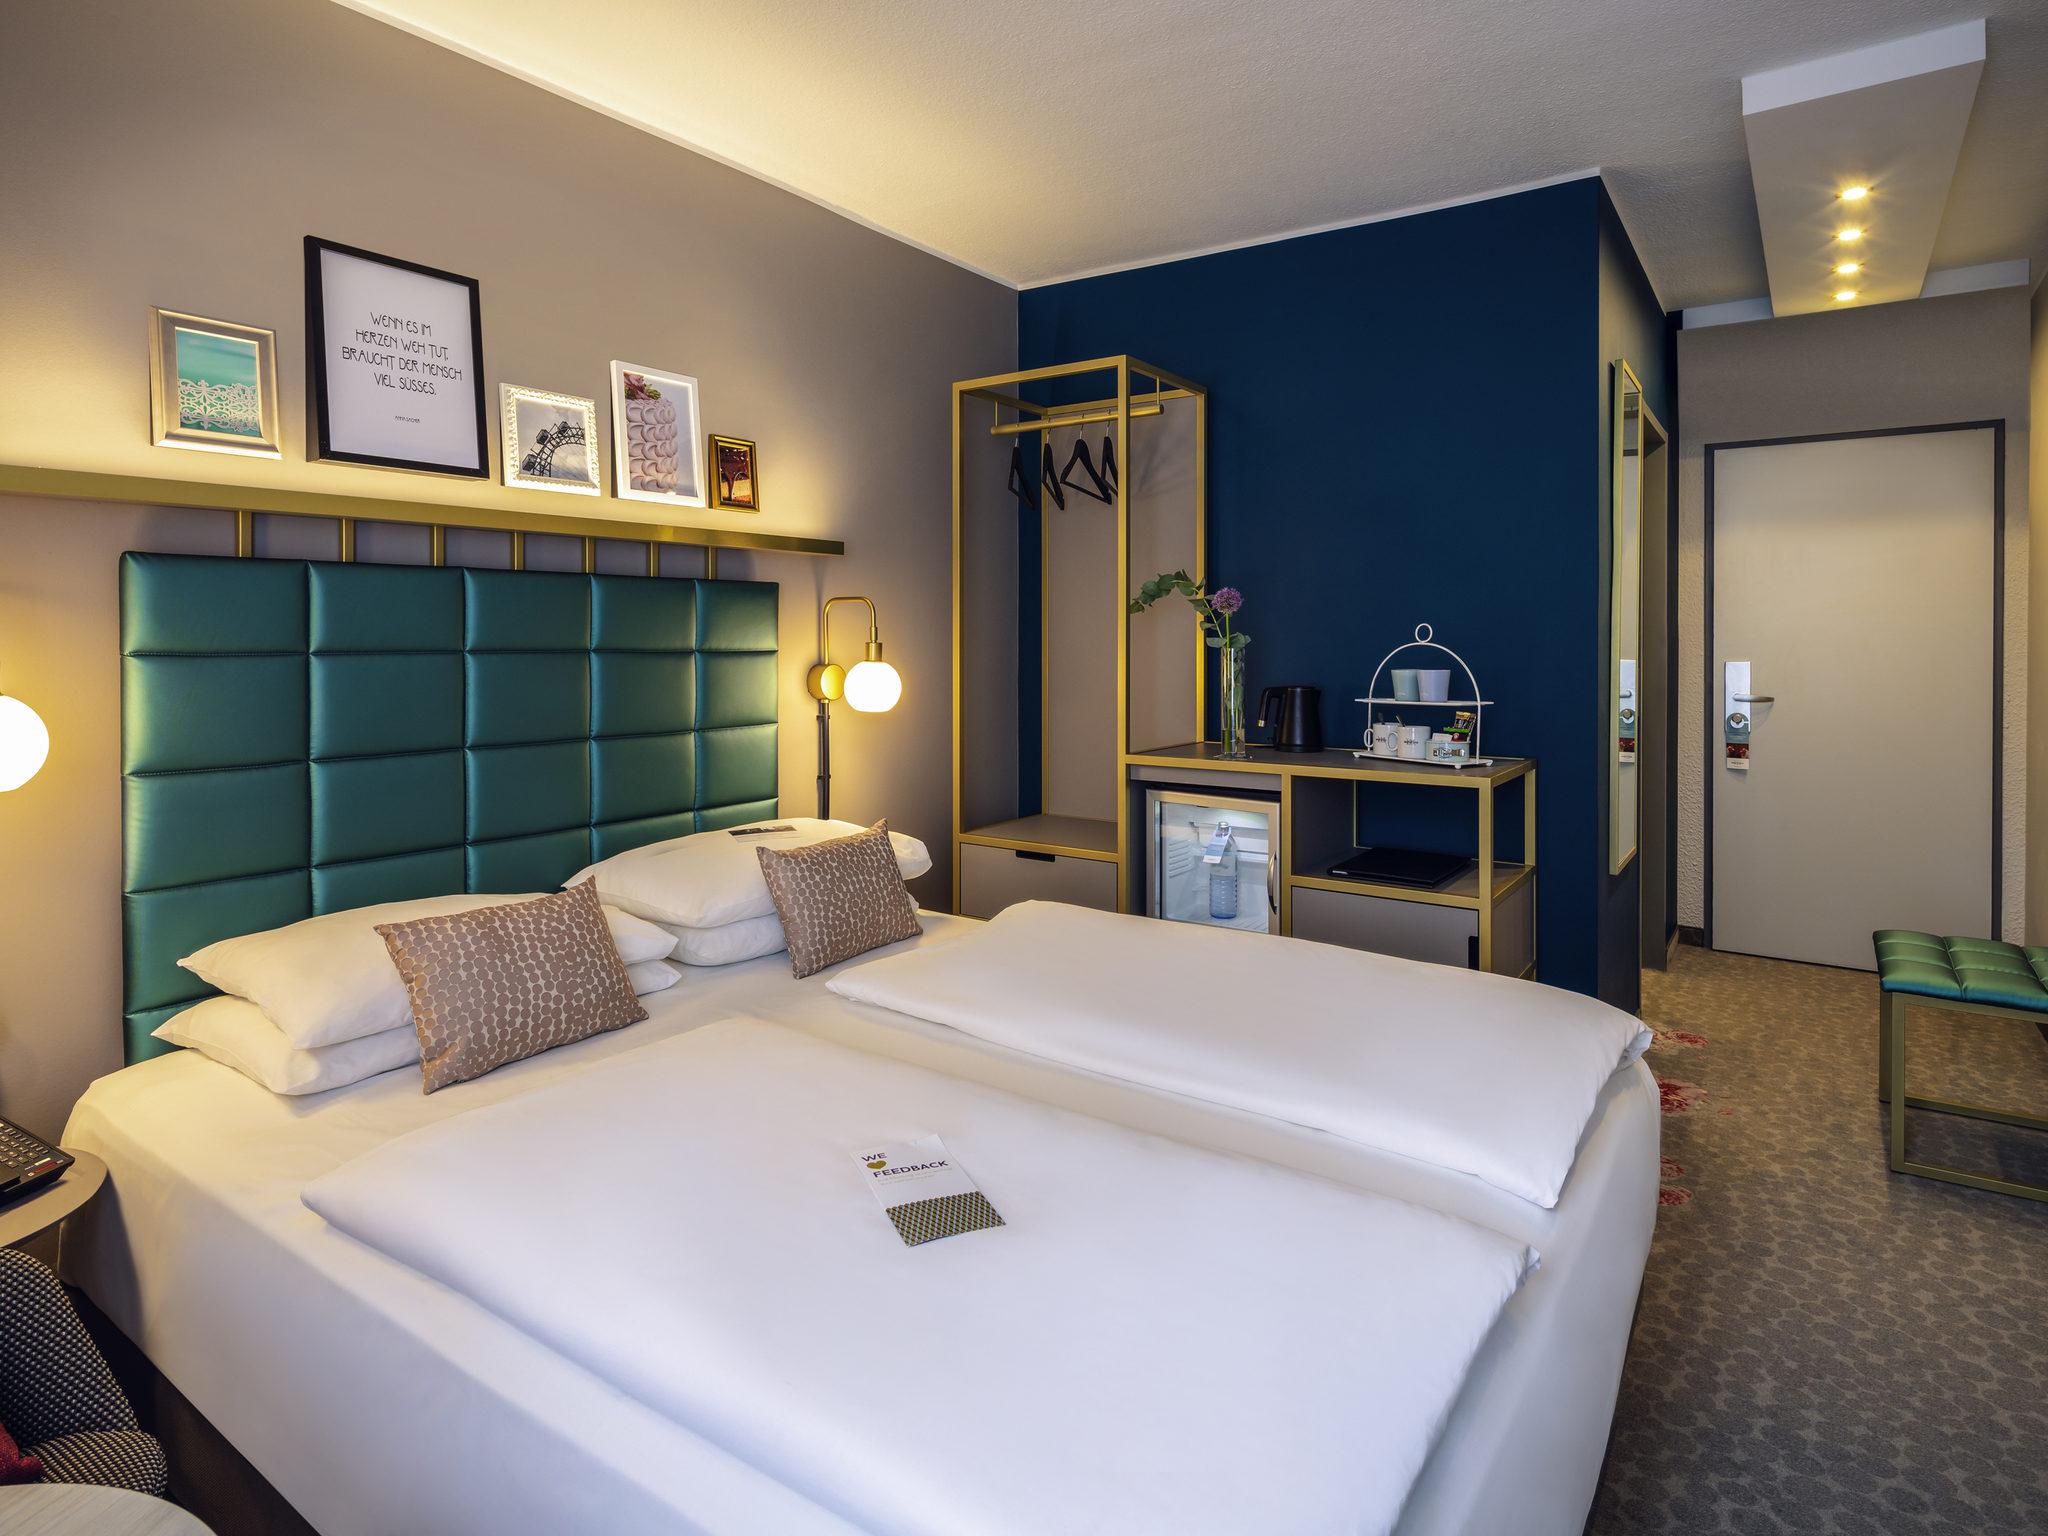 فندق - فندق مركيور Mercure فين سنتروم